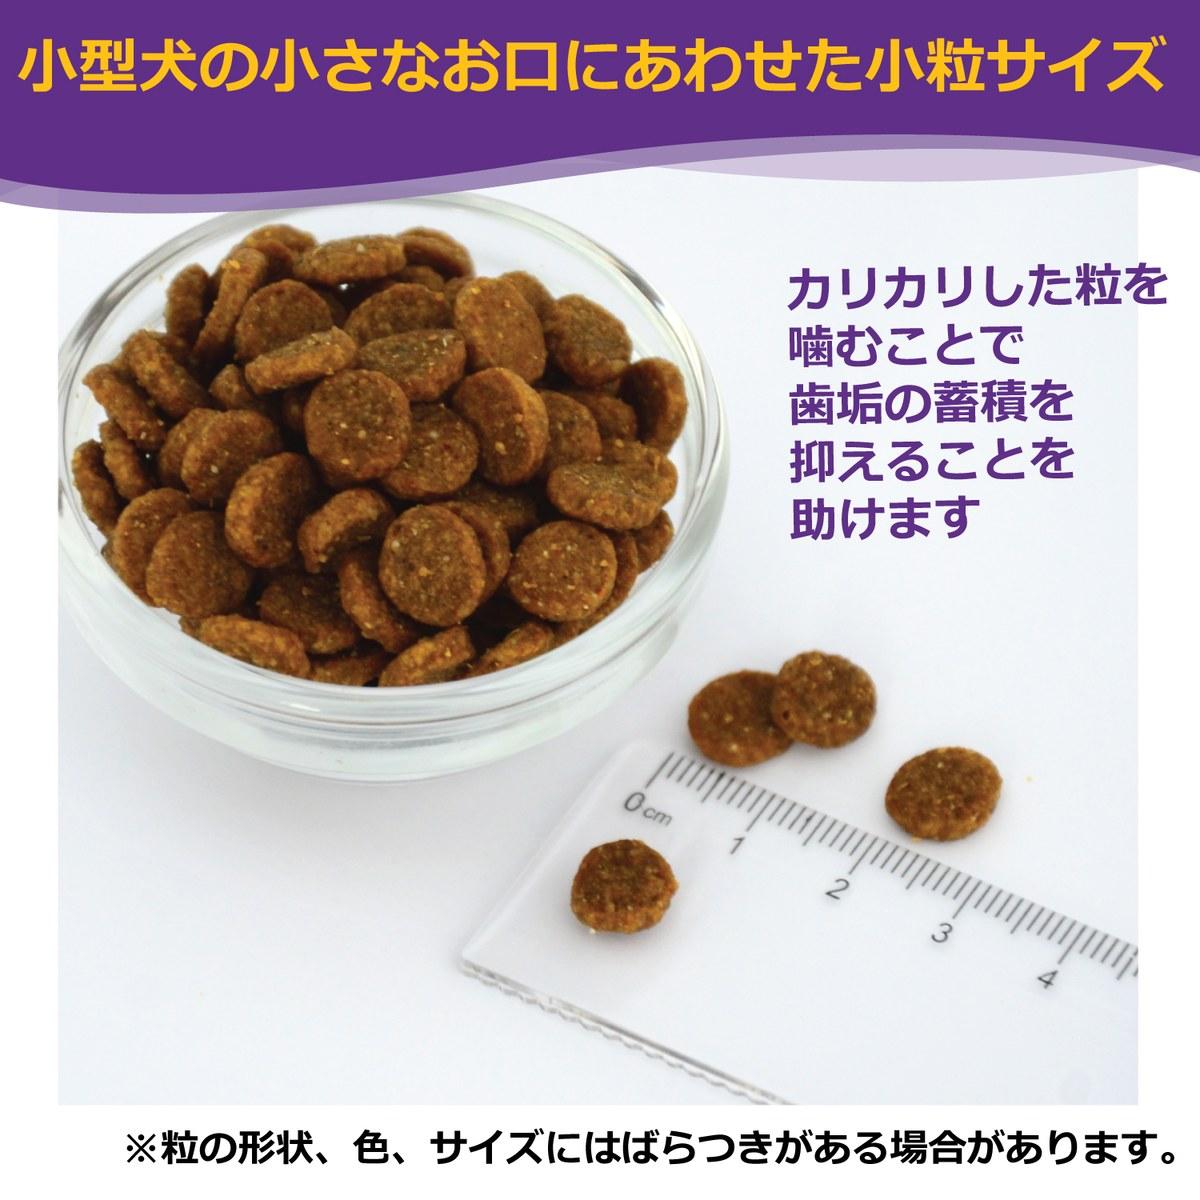 ウェルネス ドッグフード 小型犬子犬用 (離乳期〜1歳)1.8kg 当社専売品